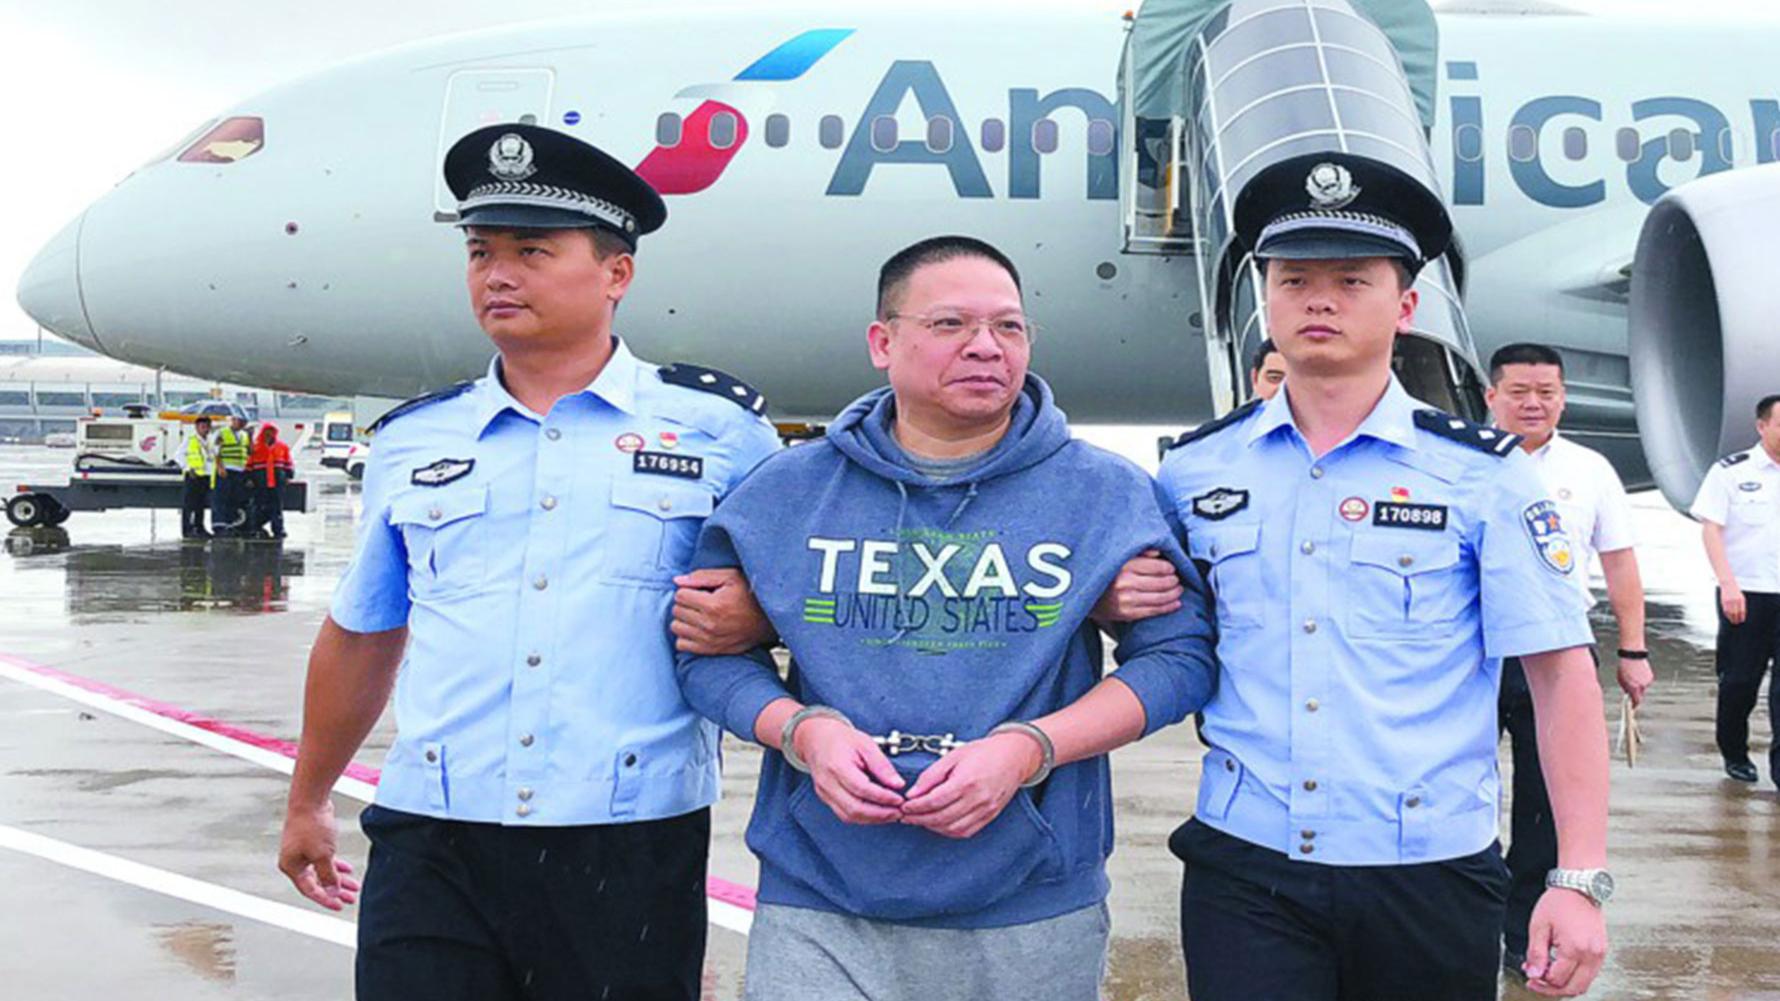 监守自盗20亿,中国发布红色通缉令,要犯潜逃美国17年终被抓版